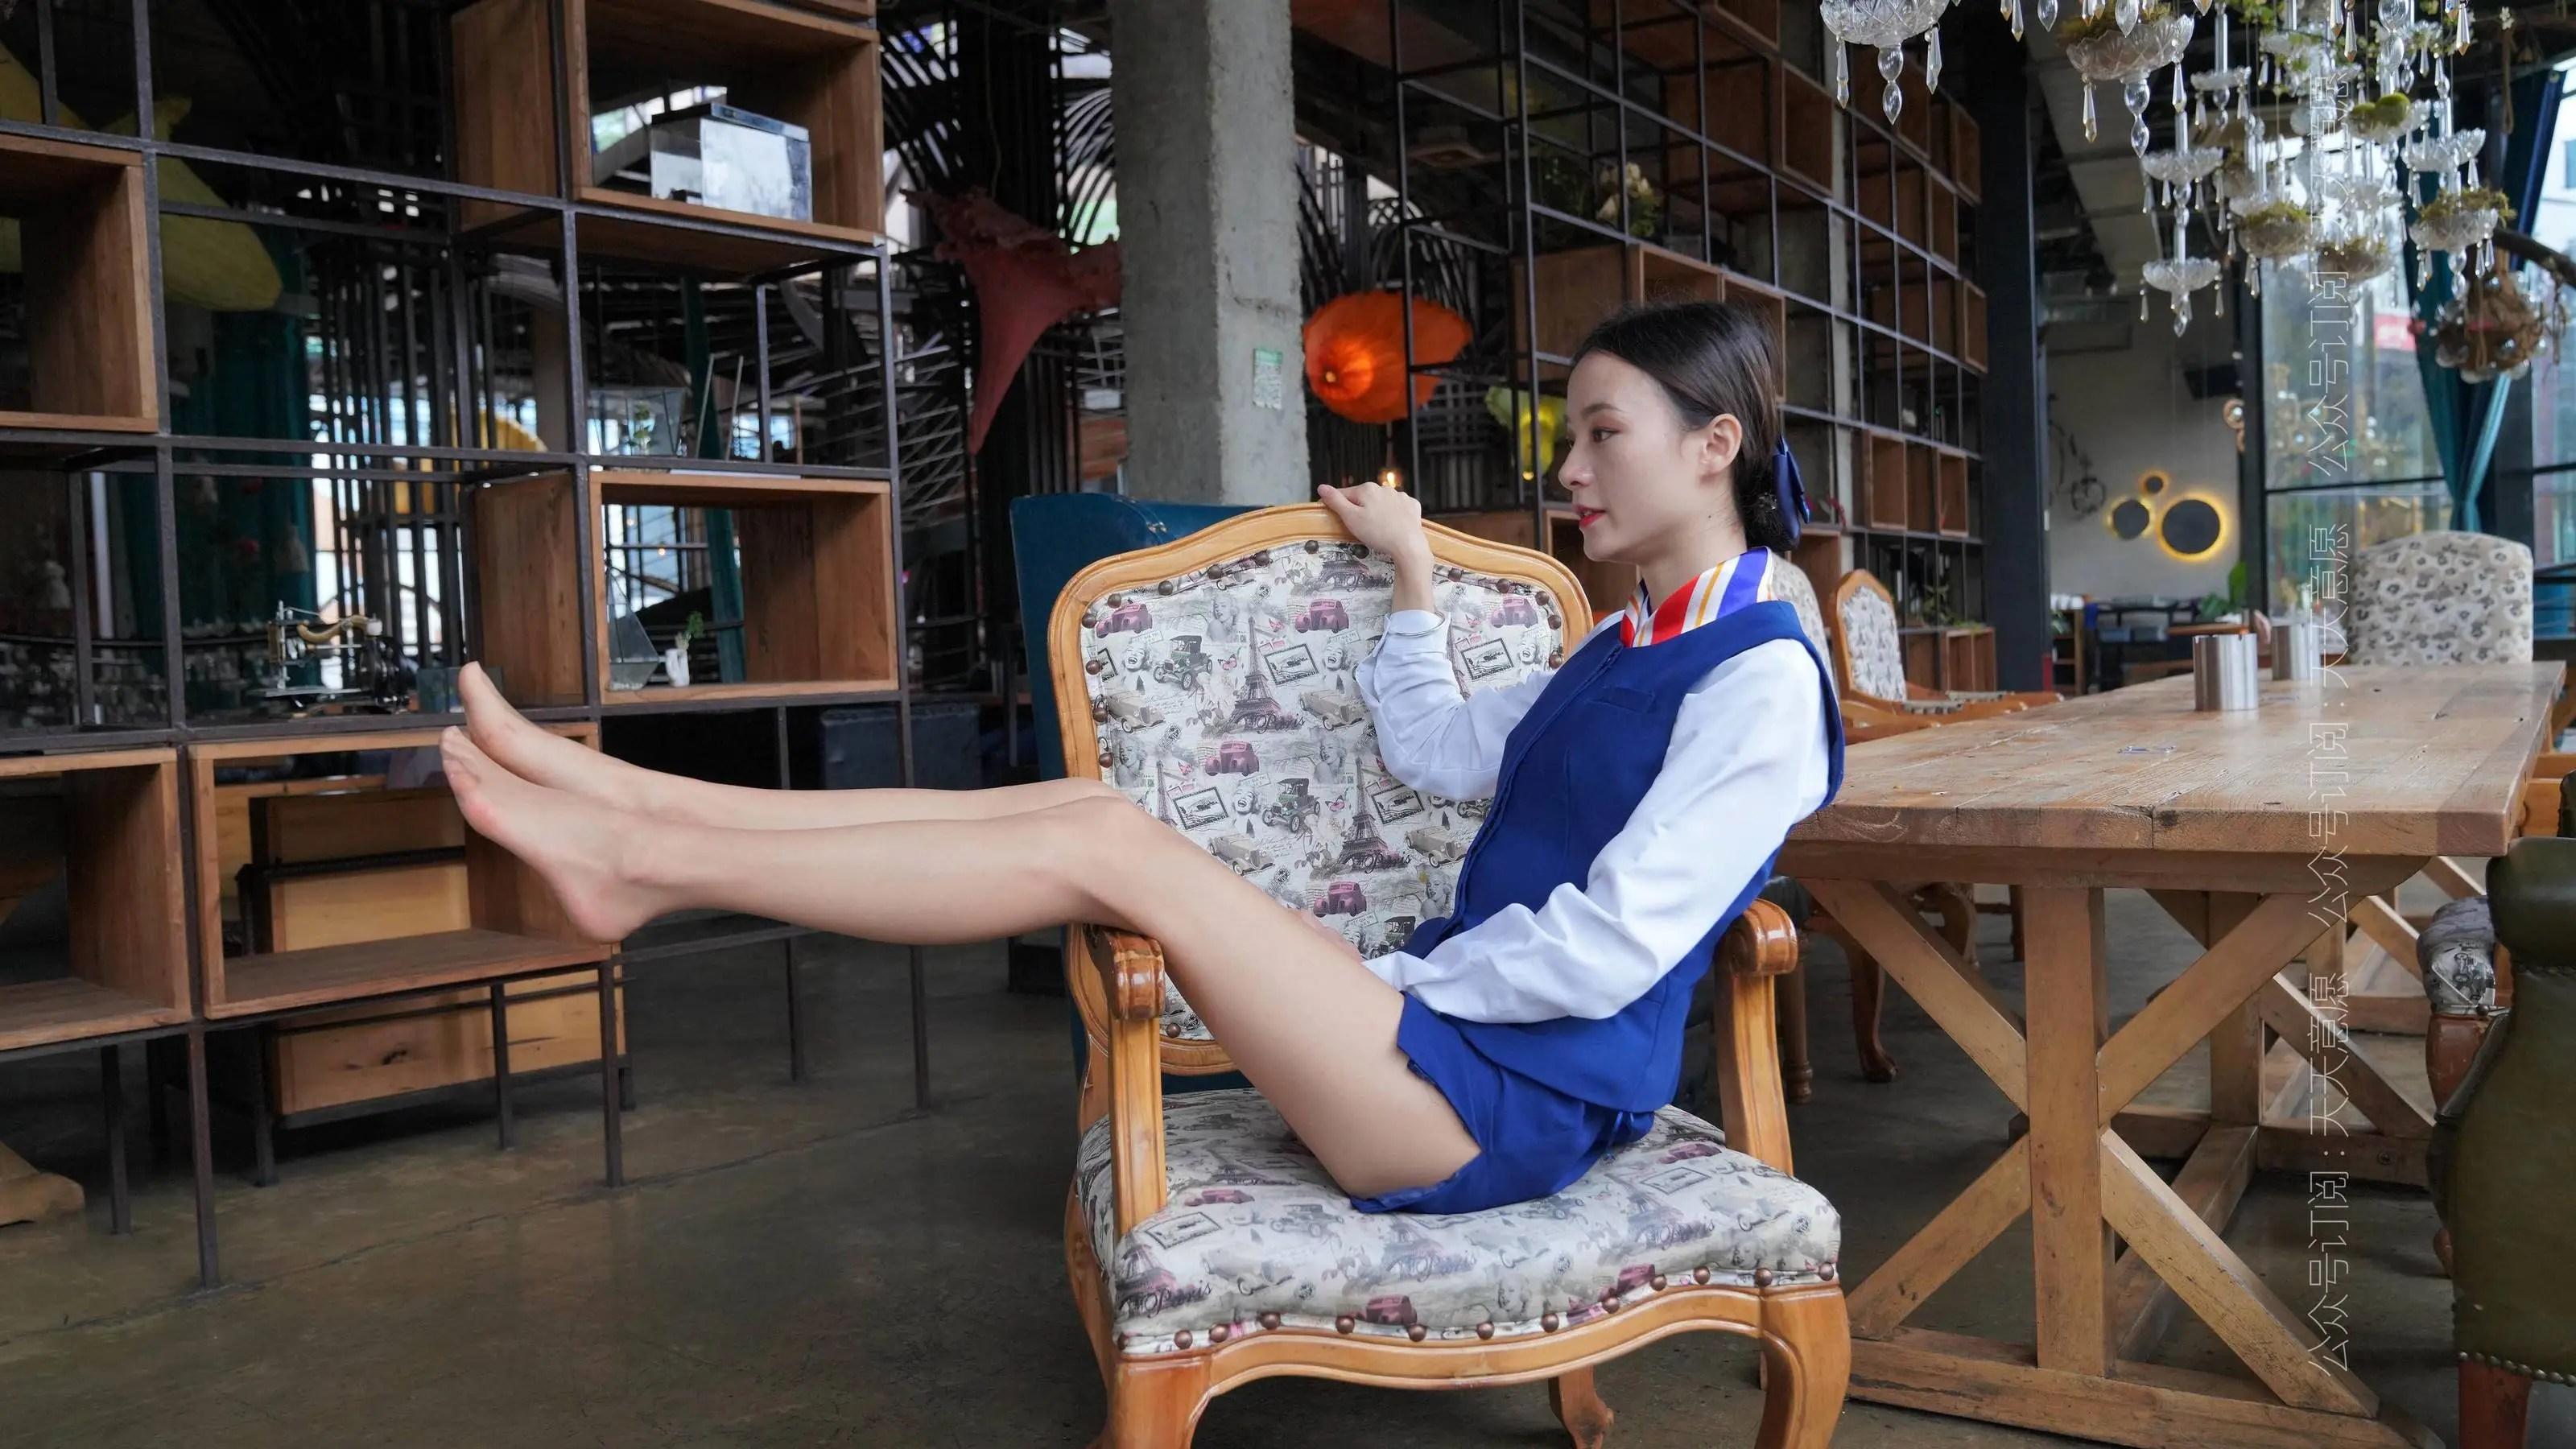 [IESS] 丝享家 766 小六《蓝色套装展示》 丝袜美腿写真[73P]插图